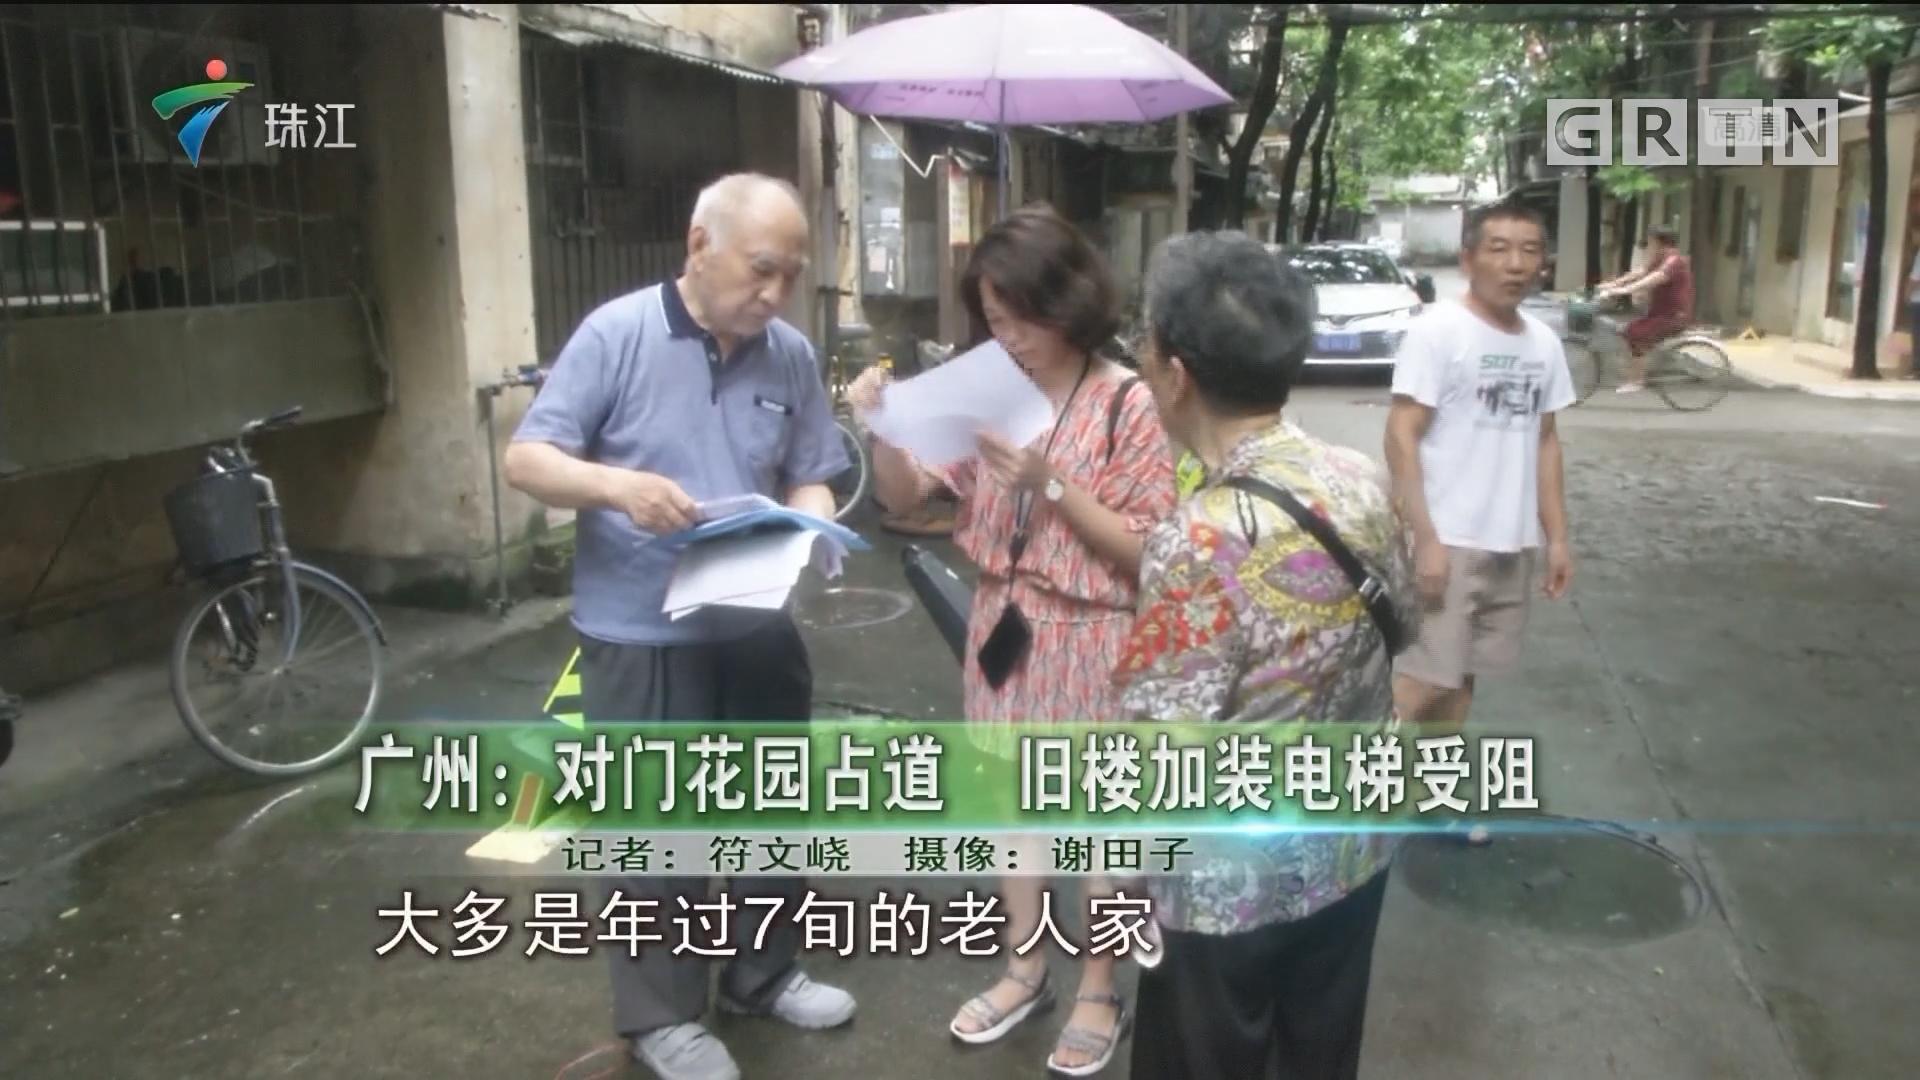 广州:对门花园占道 旧楼加装电梯受阻